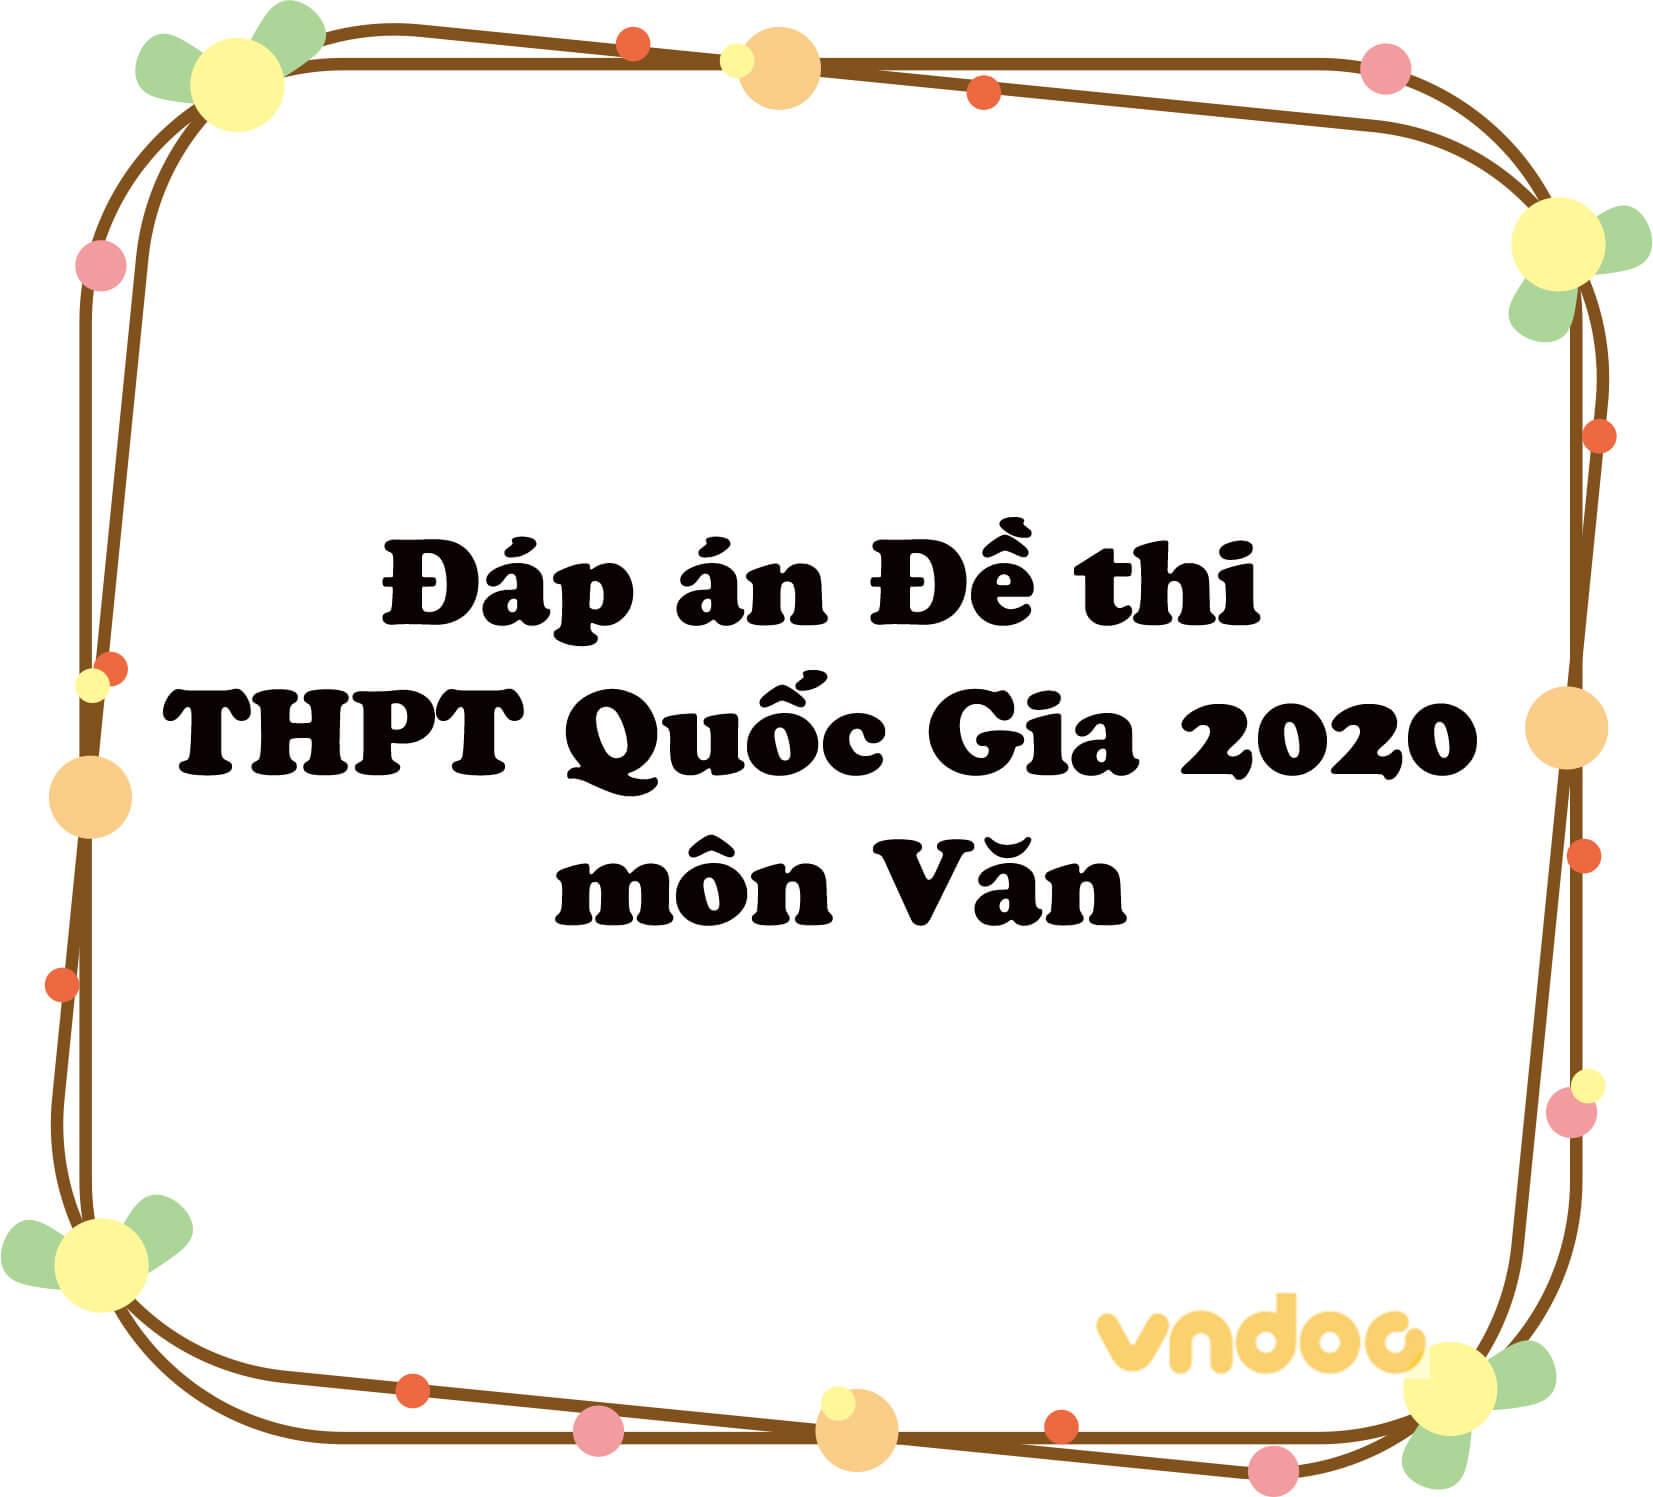 Đáp án Đề thi THPT Quốc Gia 2020 môn Văn